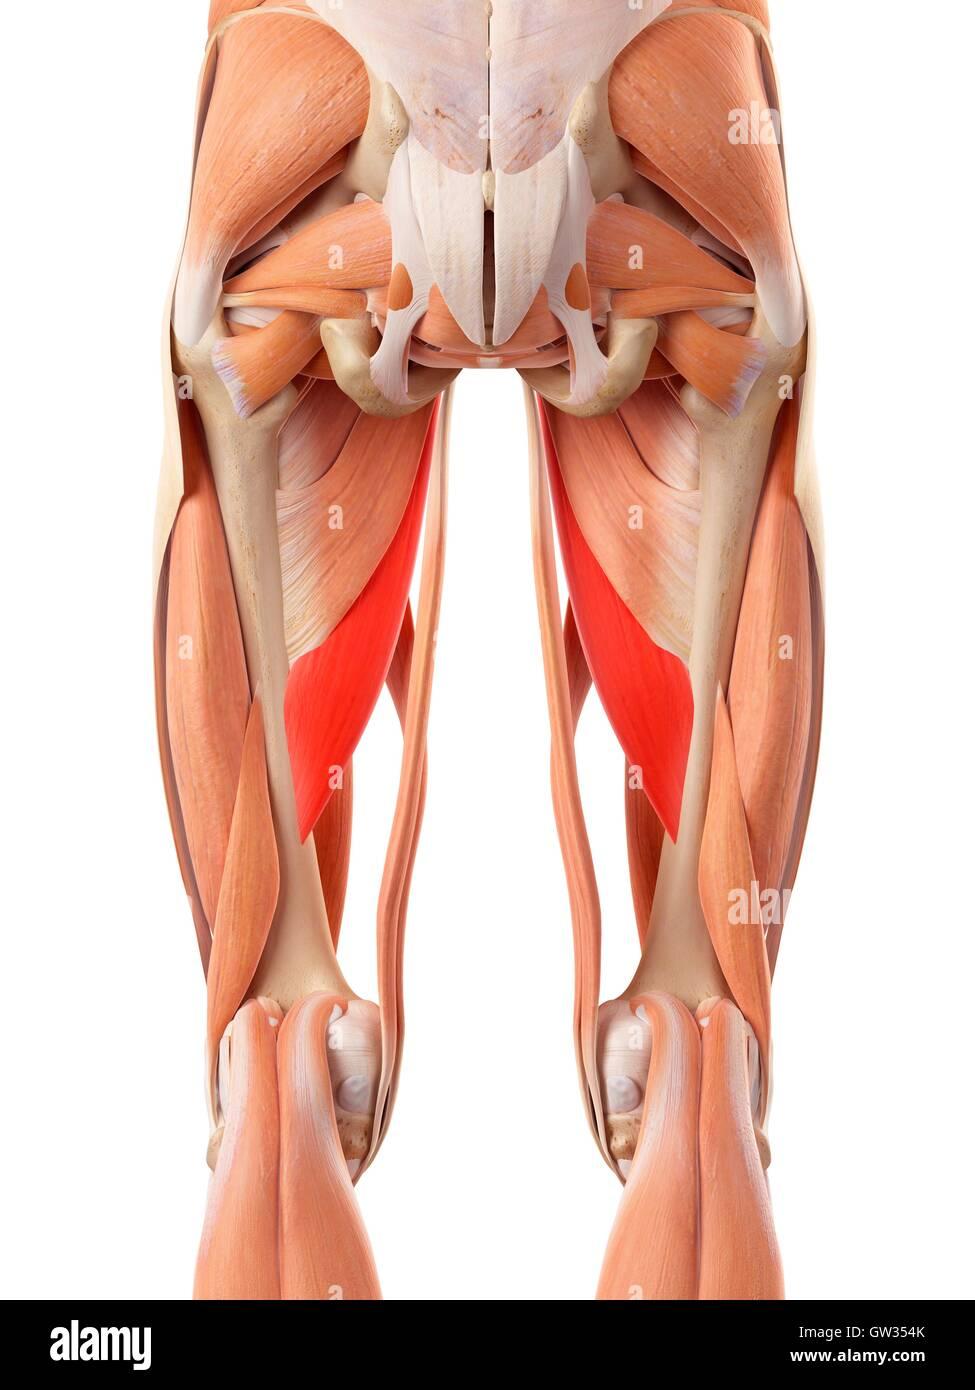 Menschliche Muskulatur der Beine, Abbildung Stockfoto, Bild ...